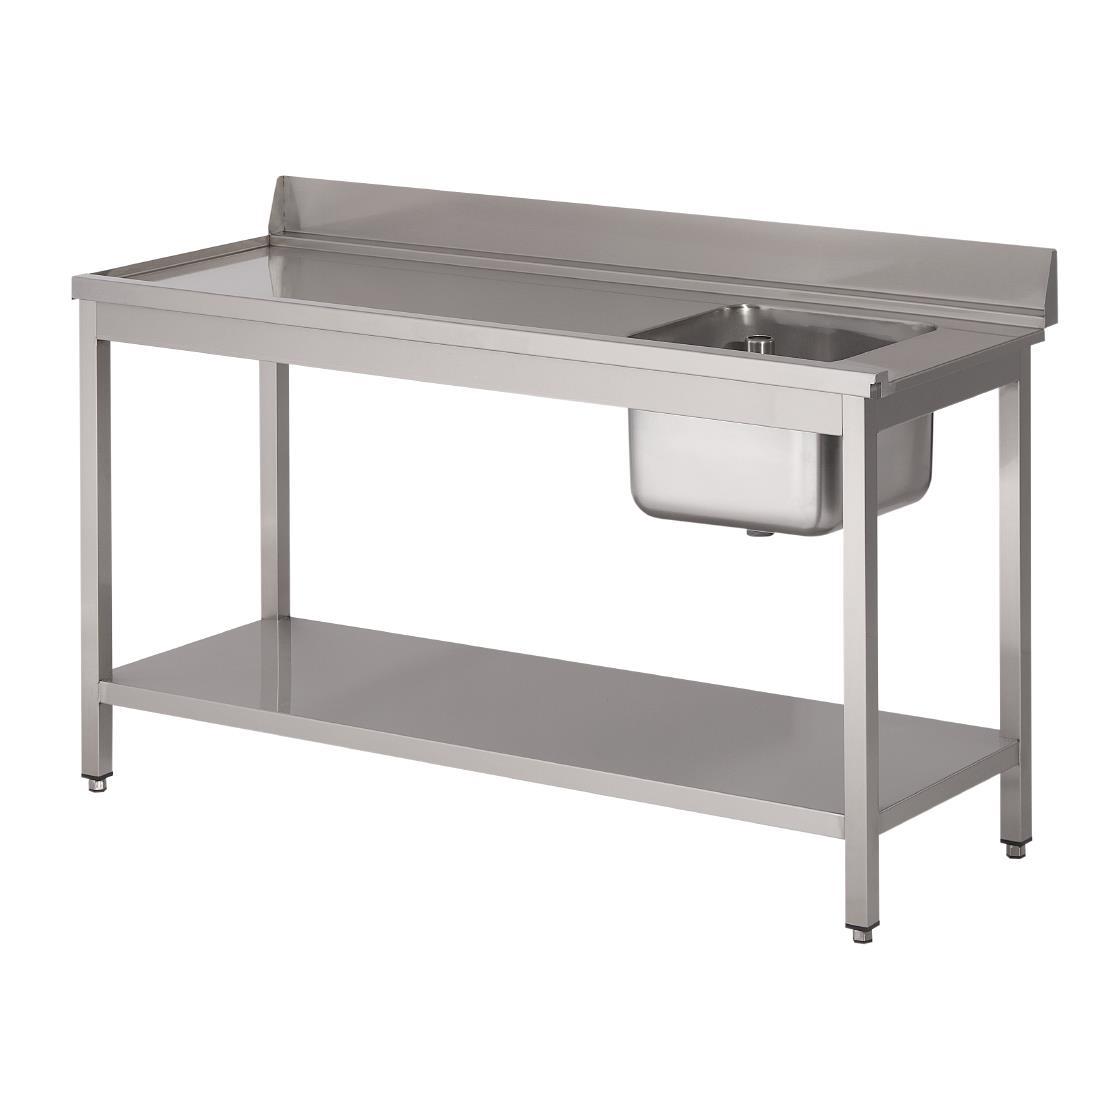 Table d\'entrée lave-vaisselle inox avec bac à droite dosseret et tablette inférieure Gastro M 850x1000x700mm